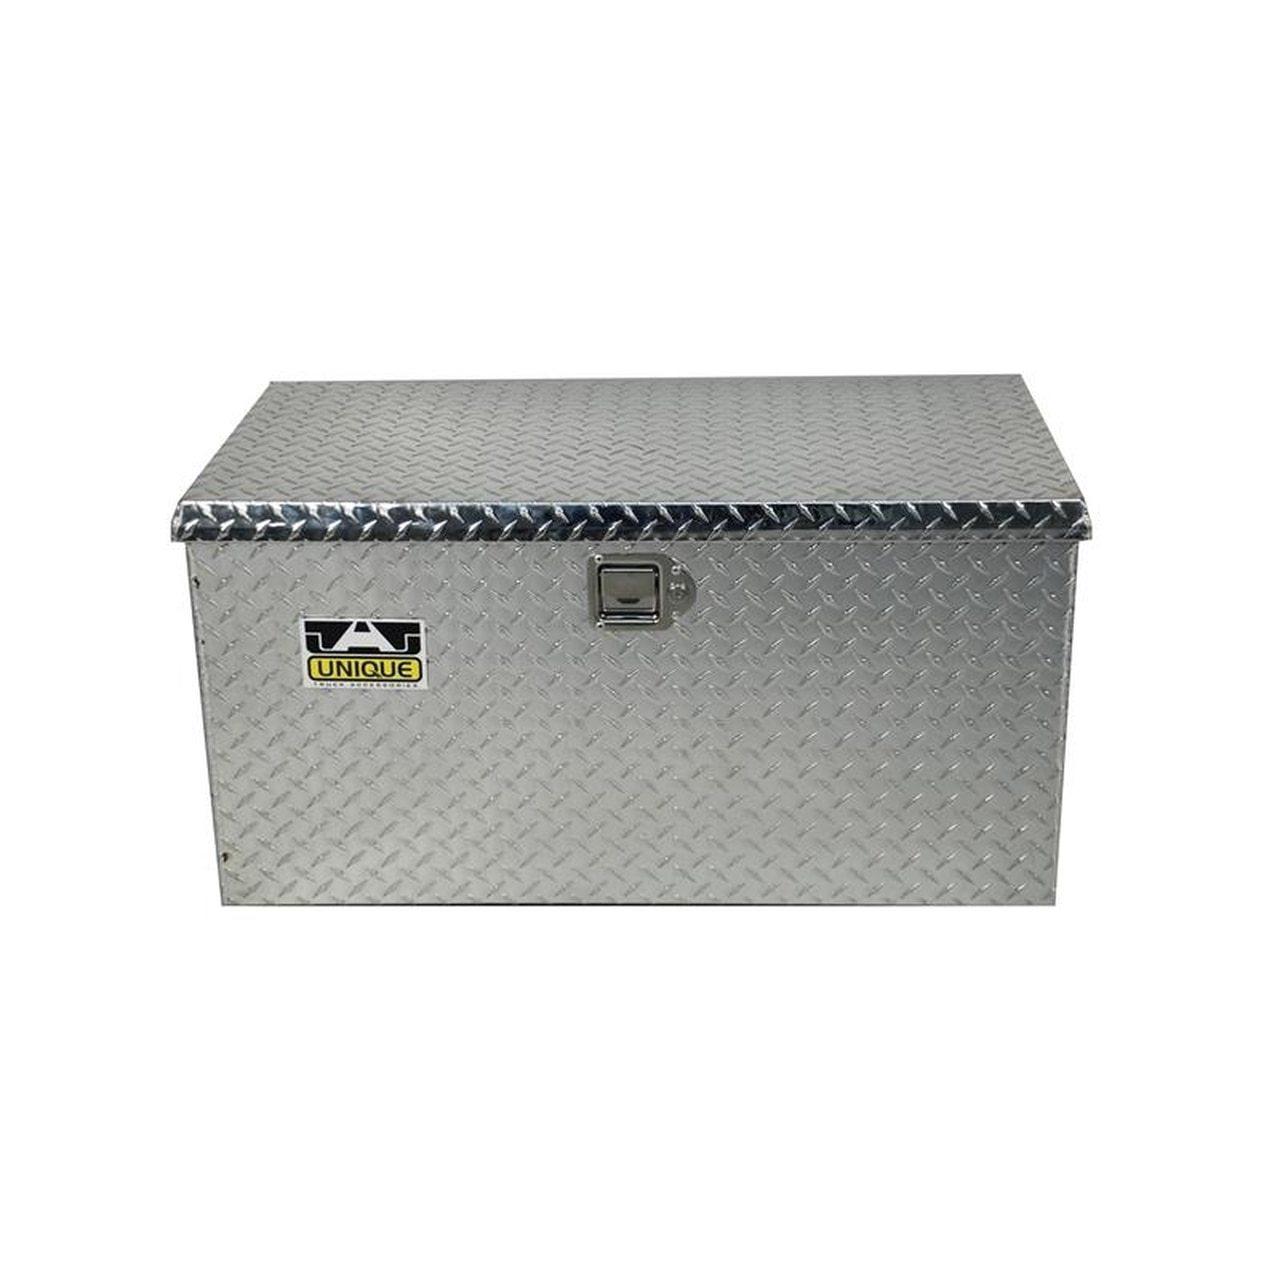 Unique Chest Tool Boxes